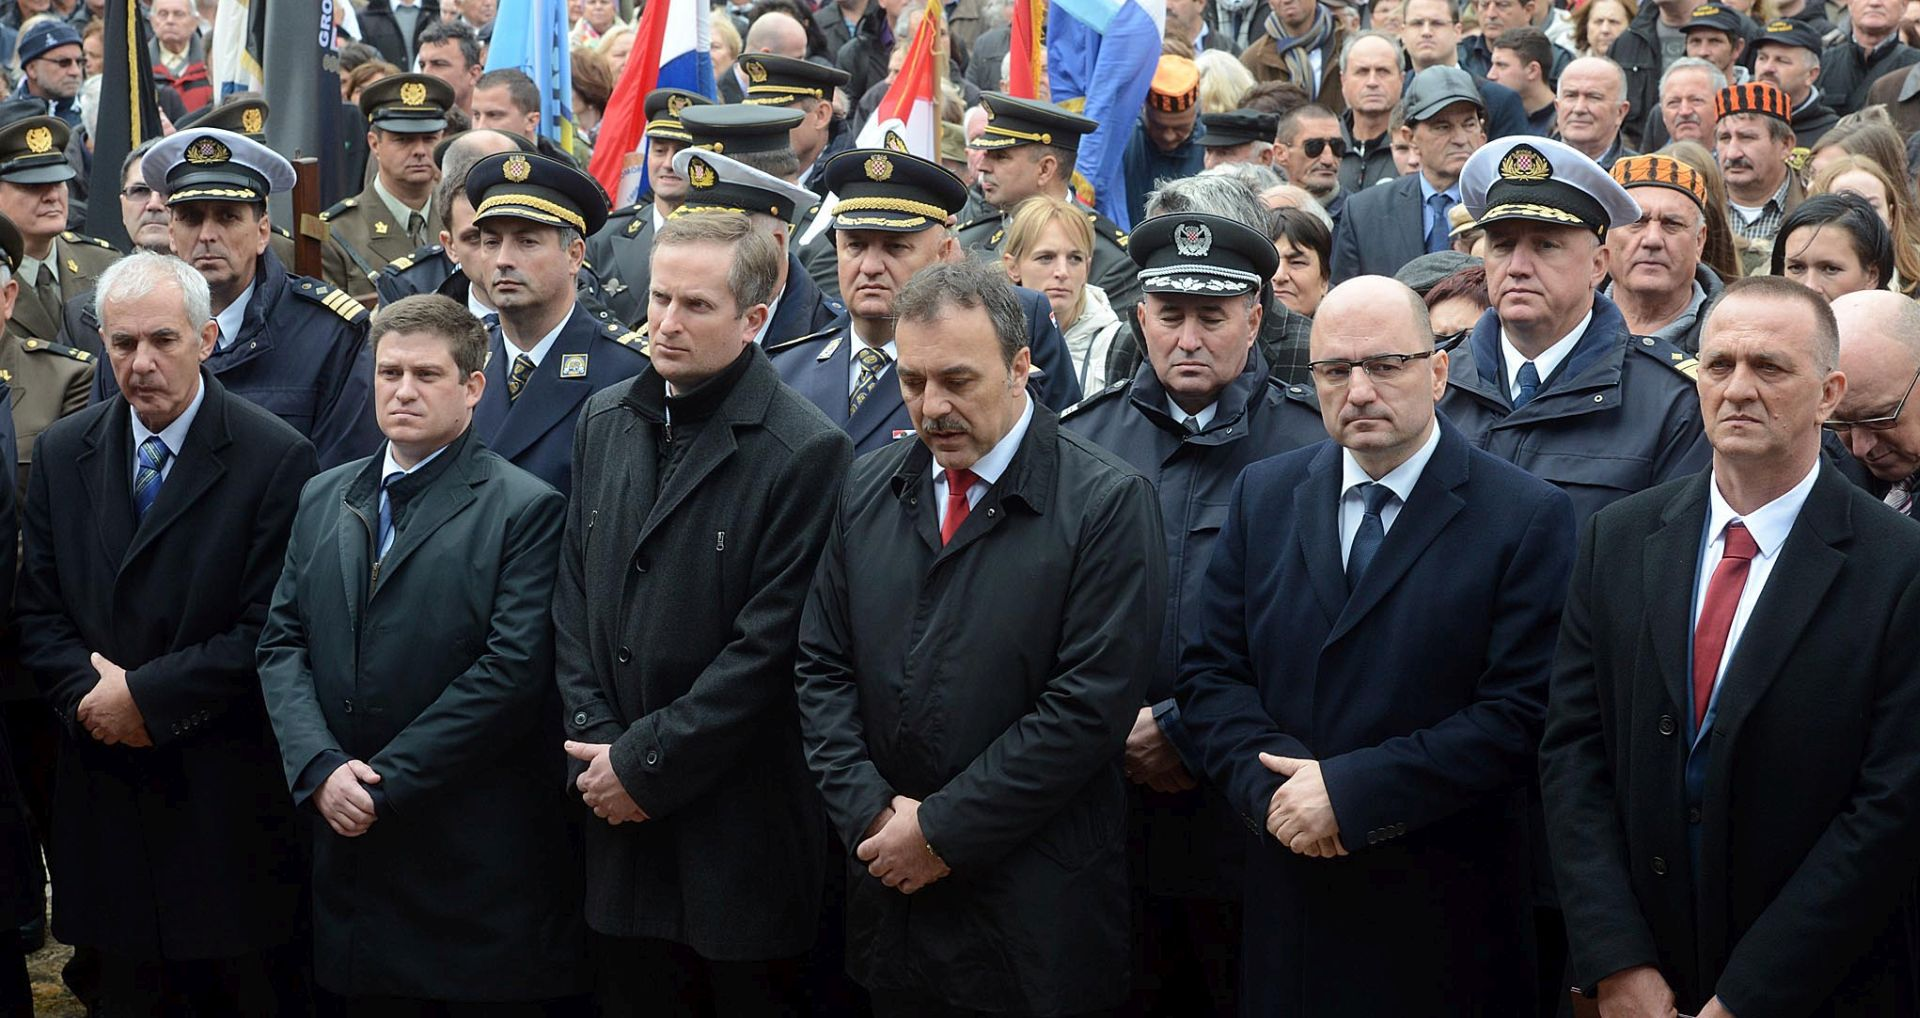 ŠKABRNJA – MINISTAR ŠPRLJE Treba ustrajati na tome da se zločinci kazne